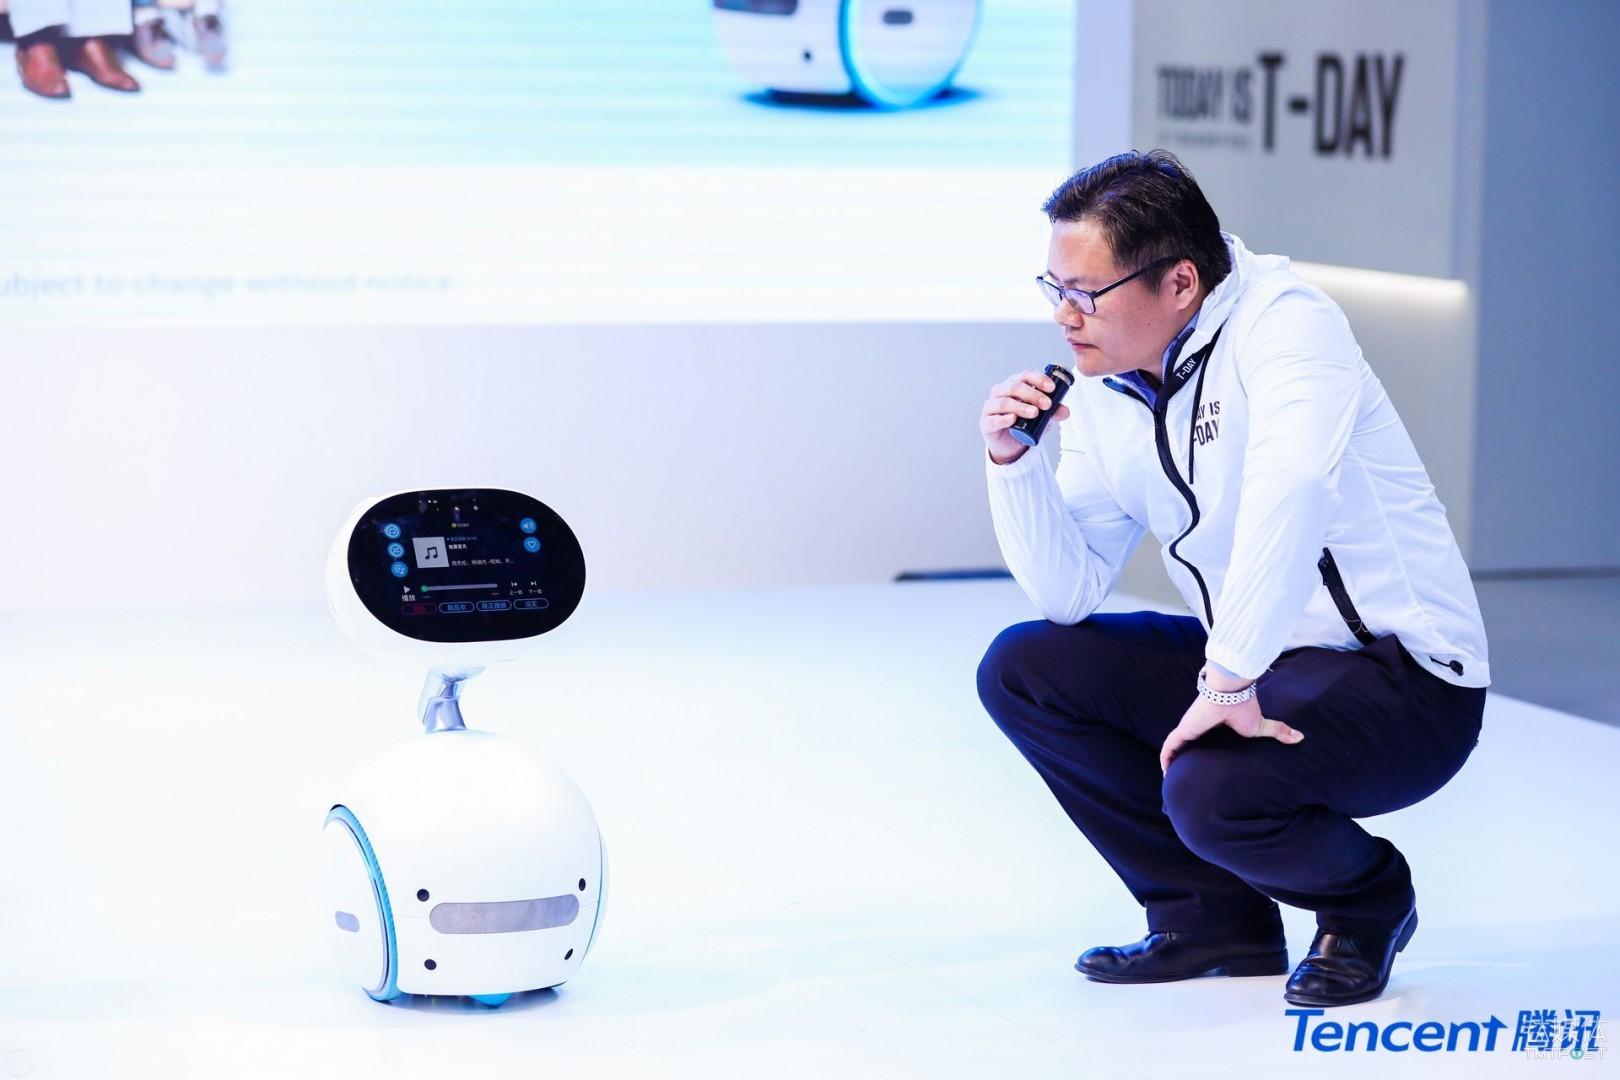 与腾讯小微合作的机器人-Alpha Ebot